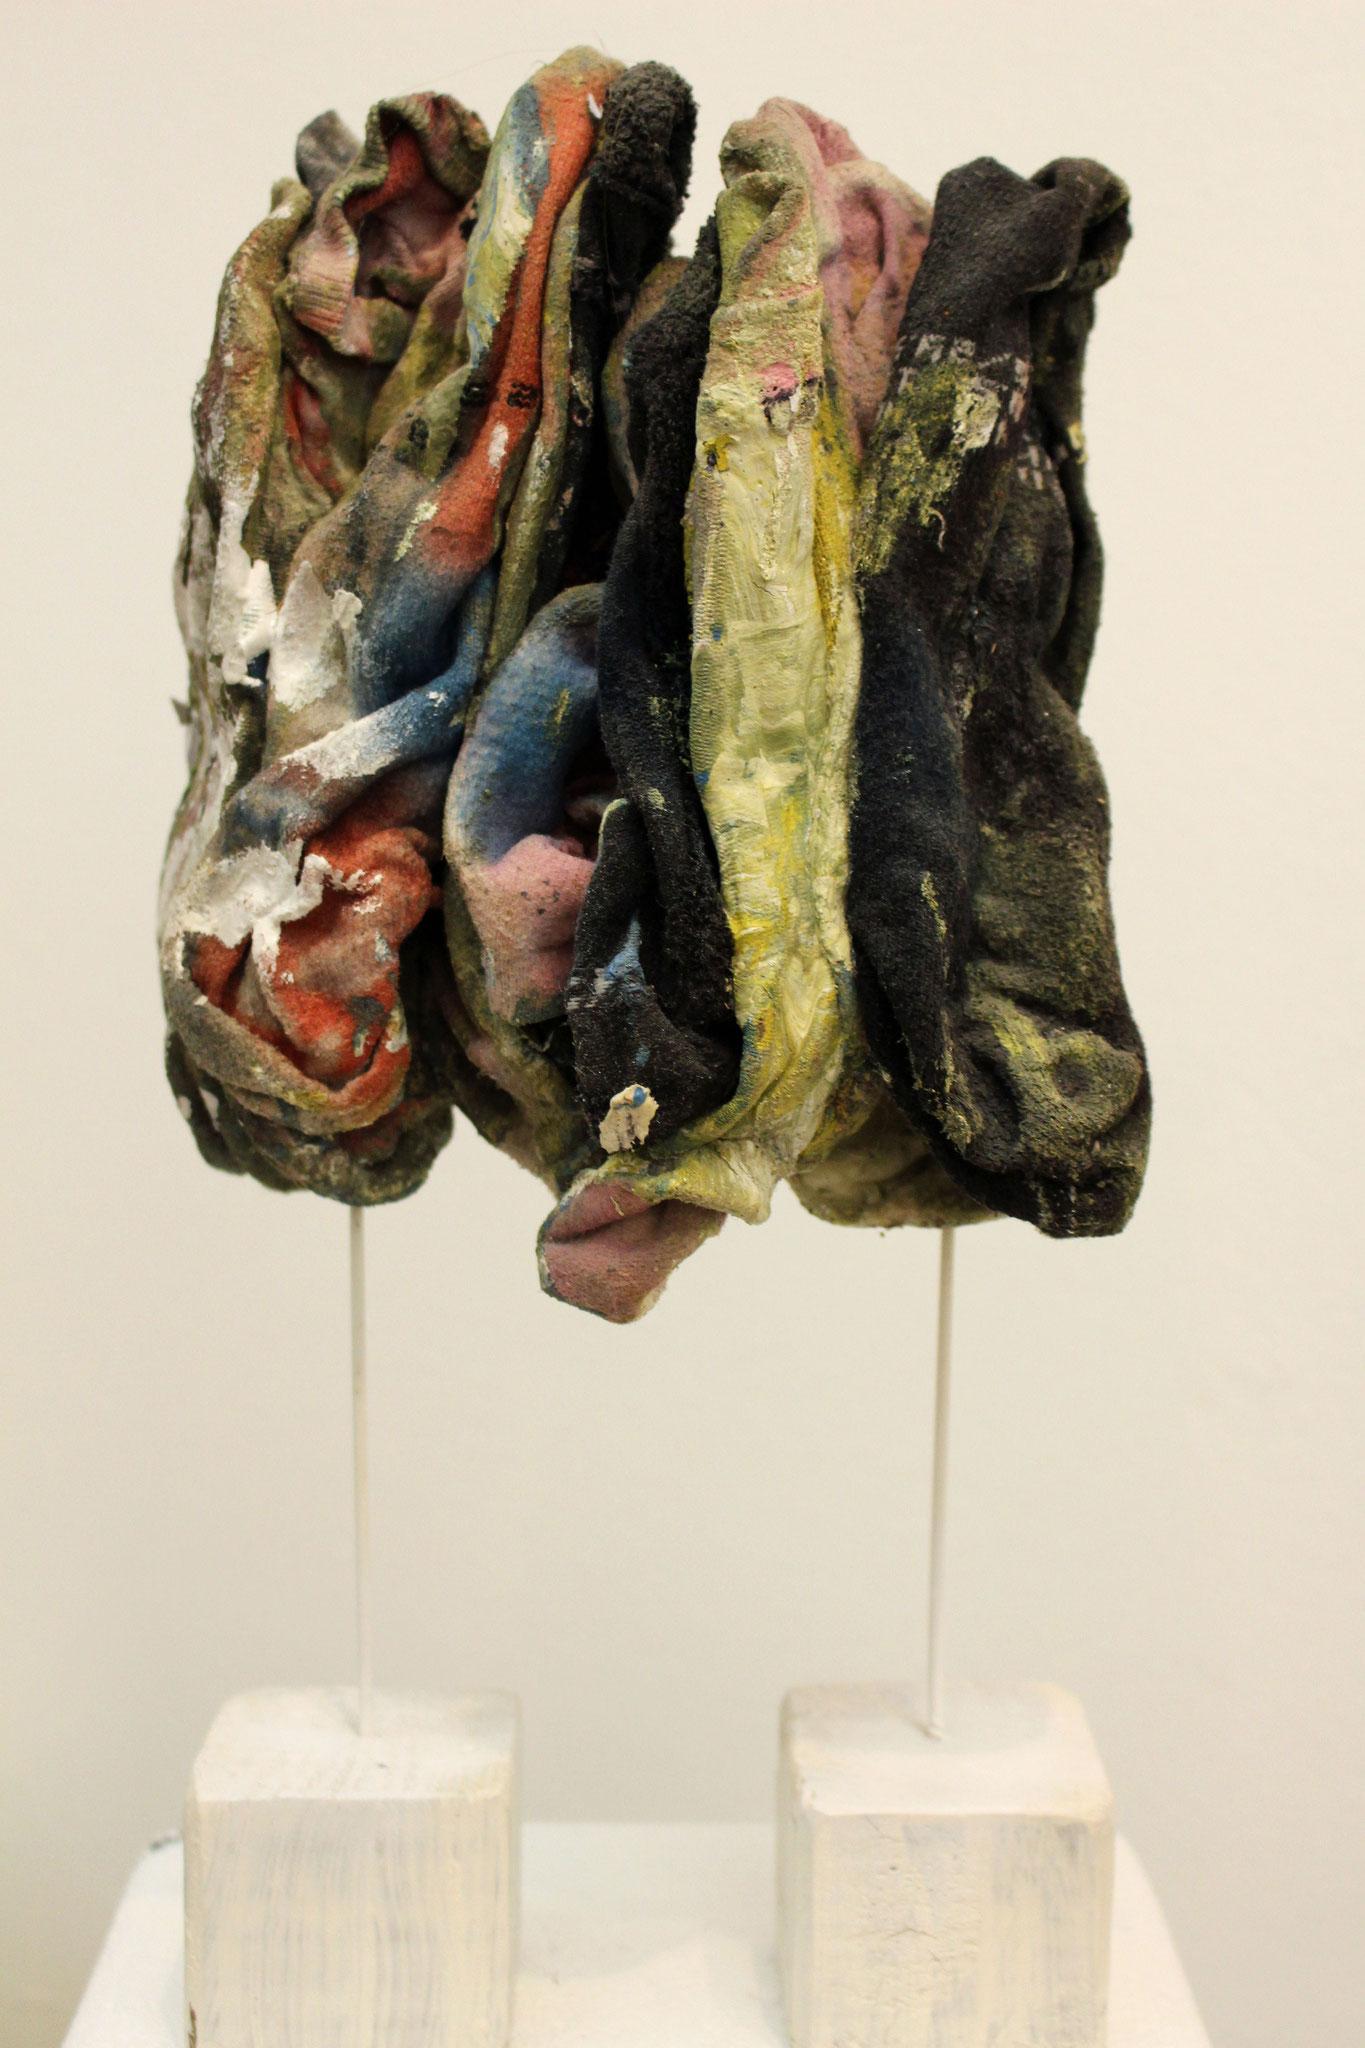 Les gens - Chaussettes et technique mixte - 2014 - 43x28cm